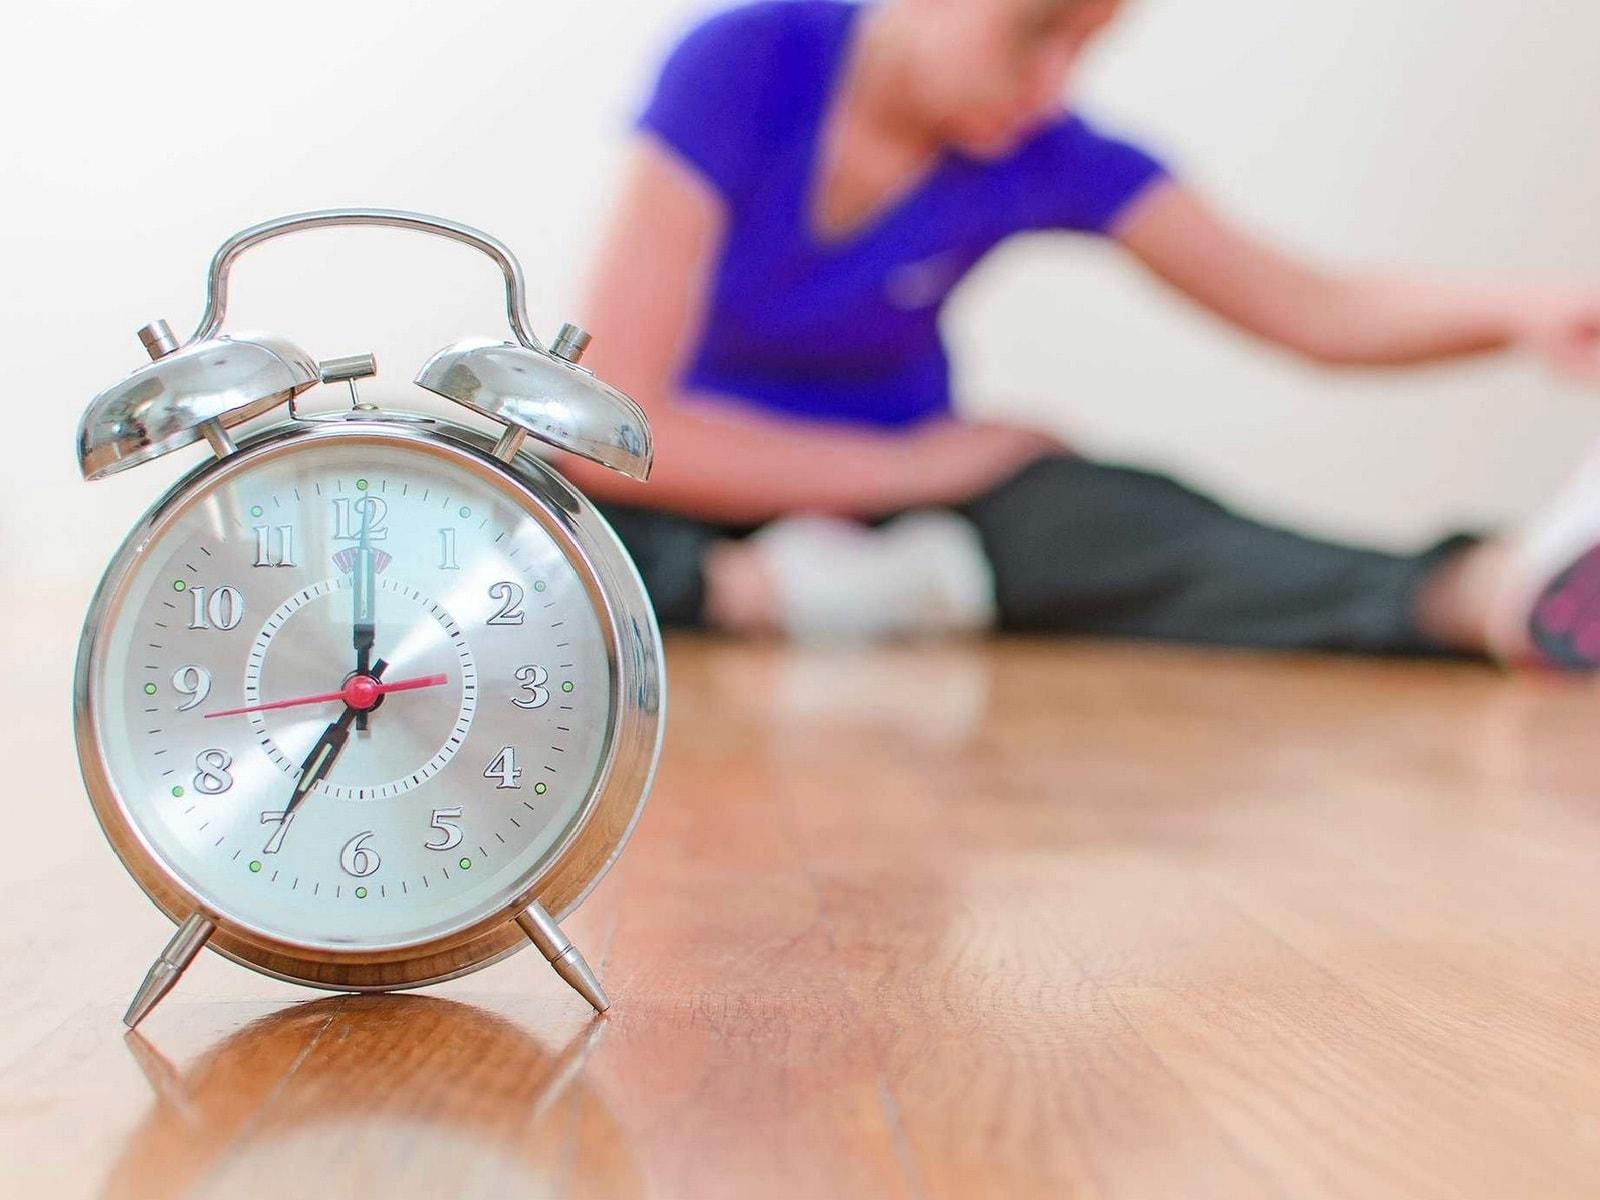 В какое время дня тренироваться? Лучшее время для сжигания калорий и наращивания мышечной массы